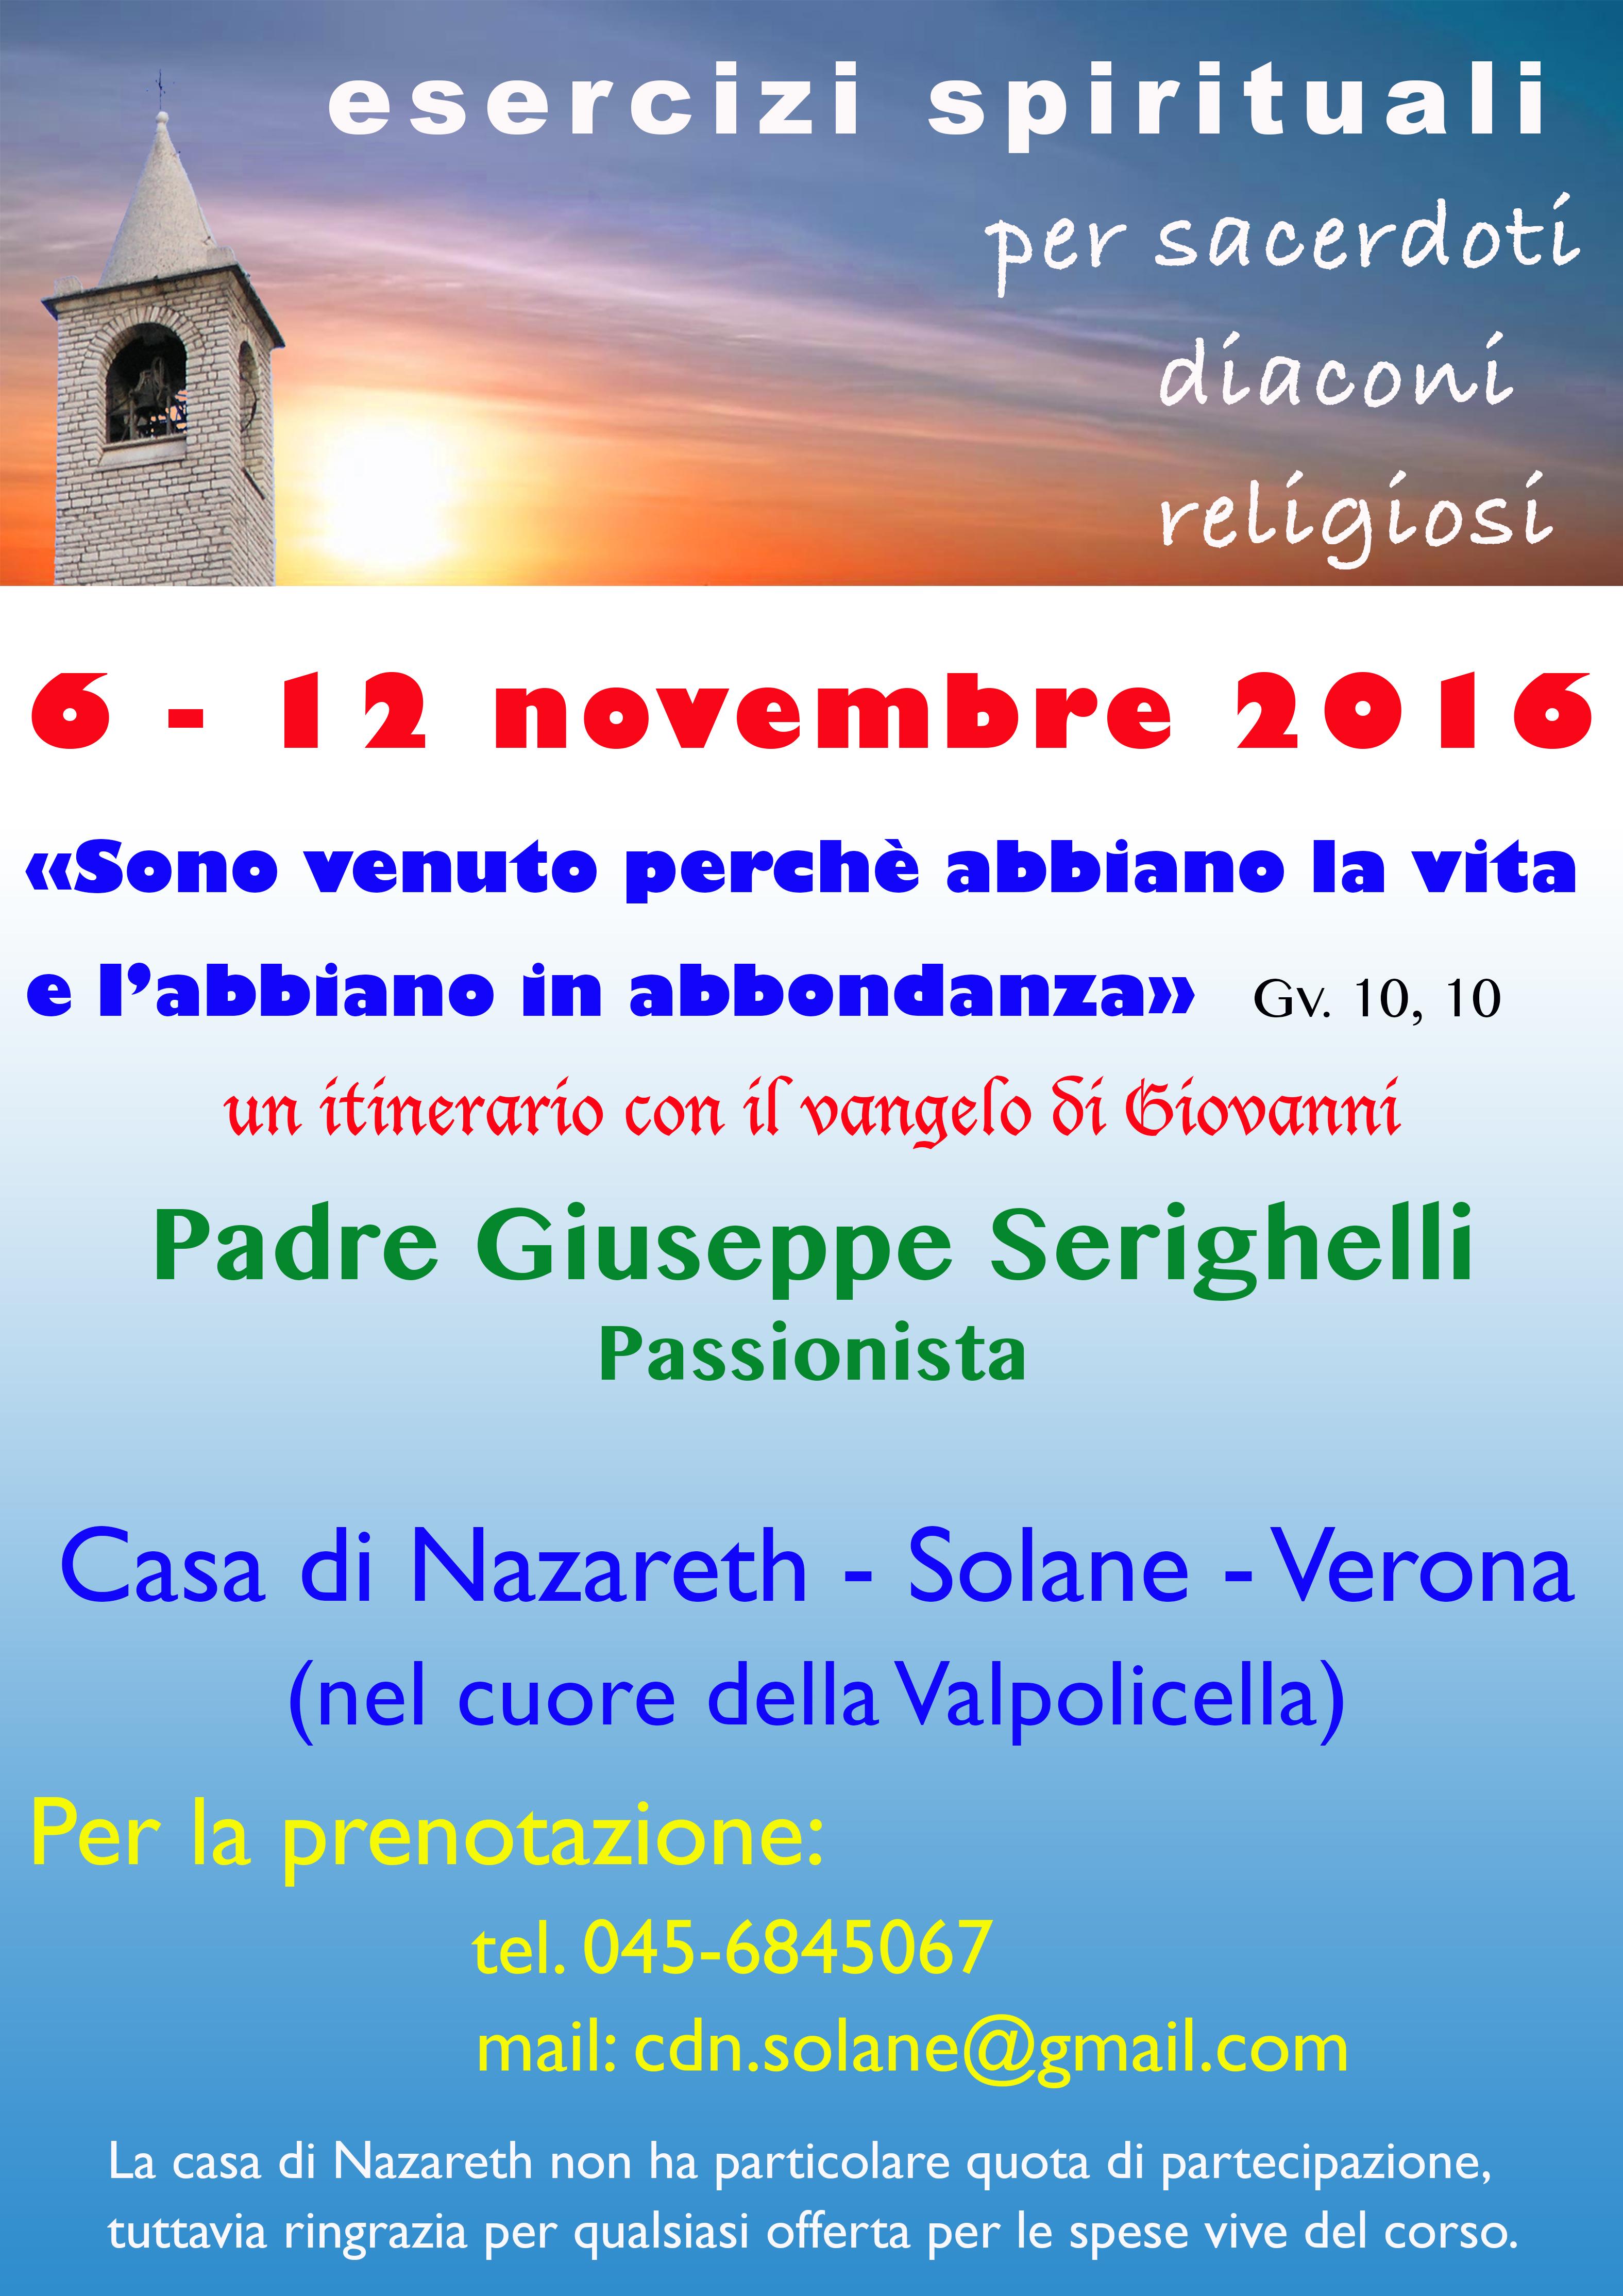 esercizi-spirituali-novembre